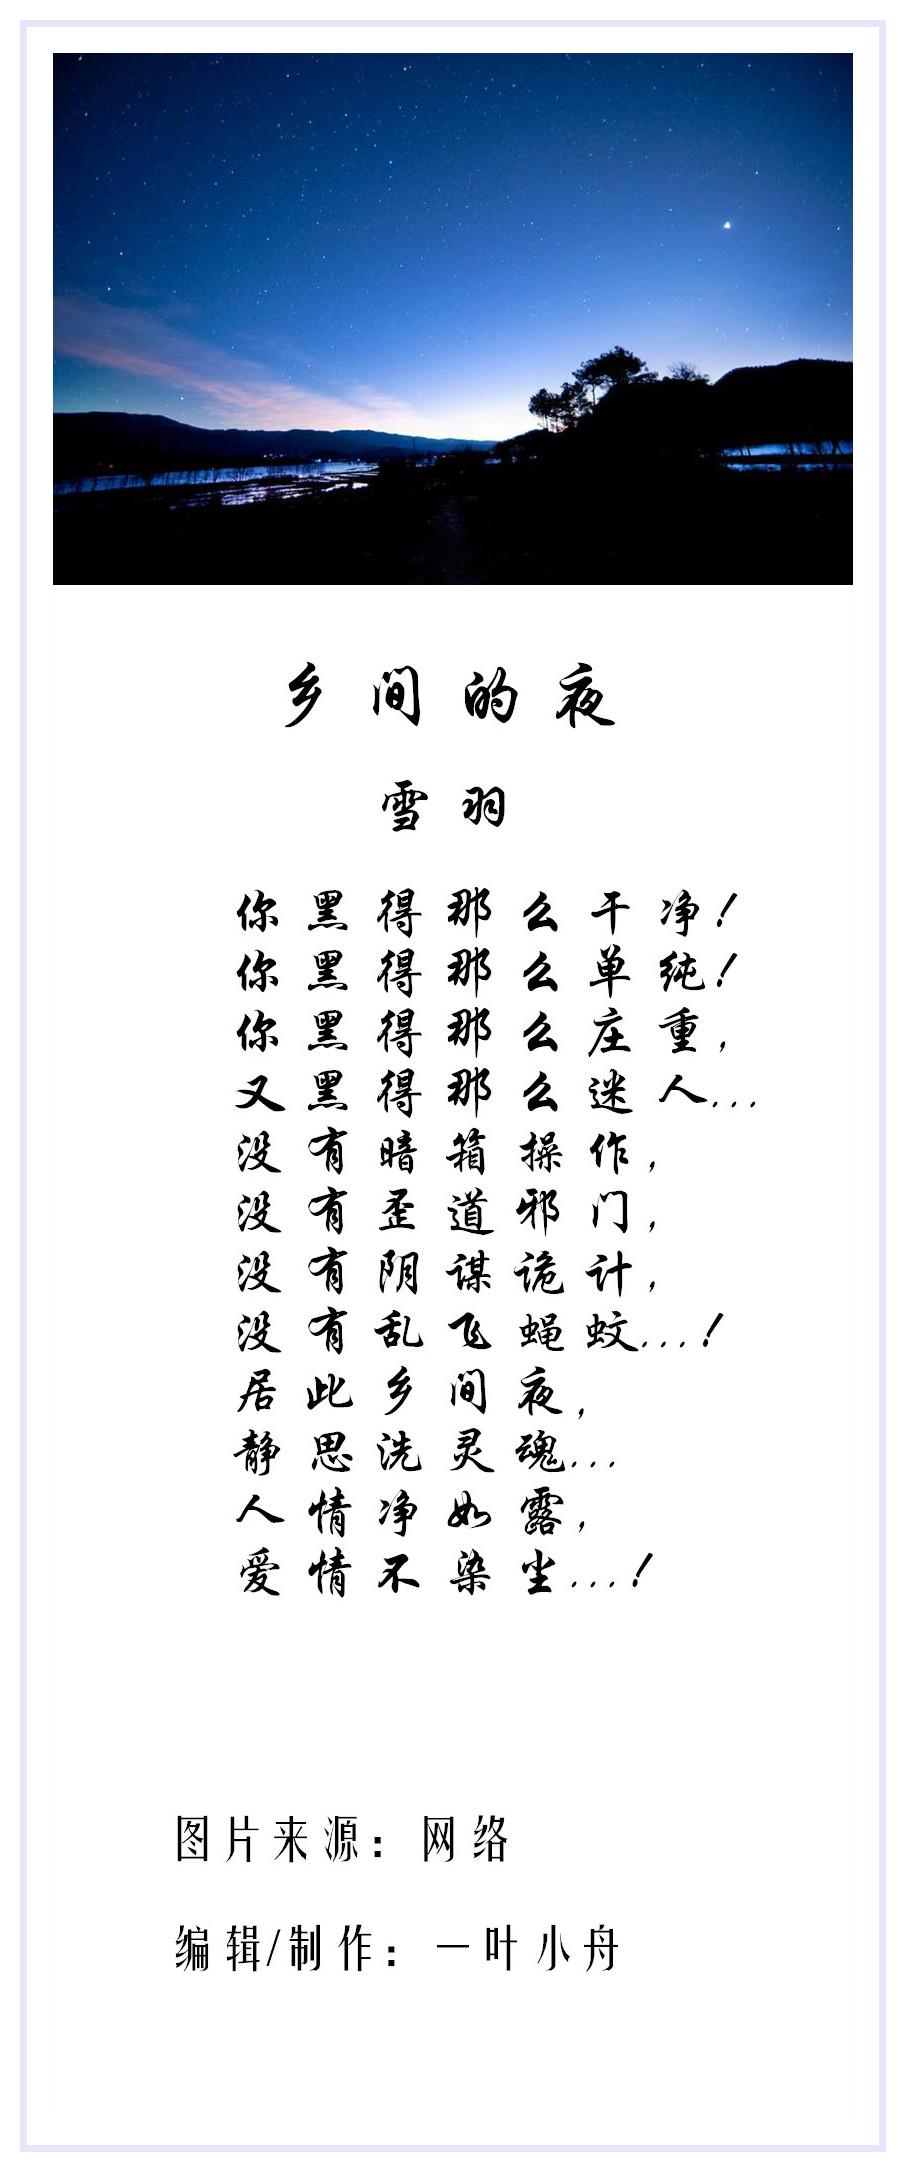 乡间的夜诗73-63-55_新诗合成